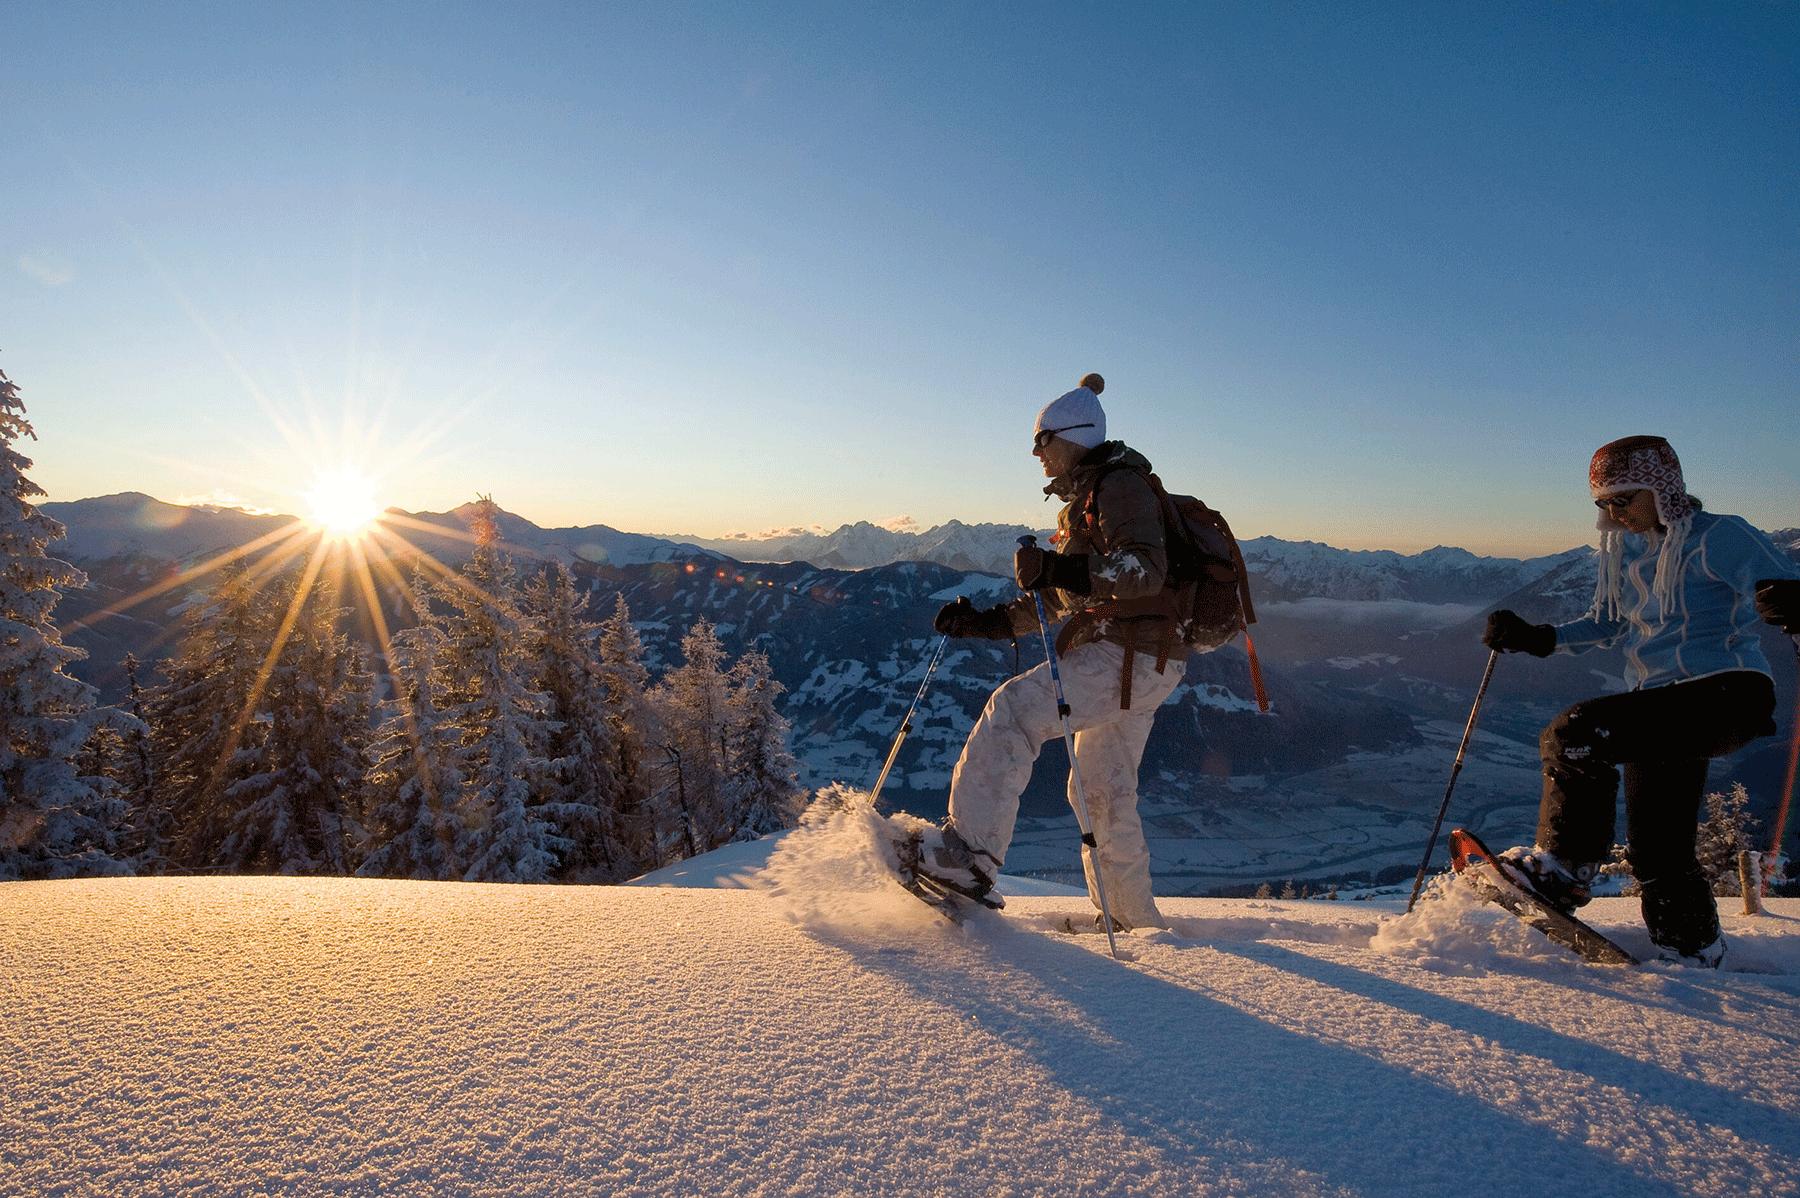 Schneeschuhwandern im Alpbachtal mit Sonnenuntergang beim Akivurlaub Alpbachtal